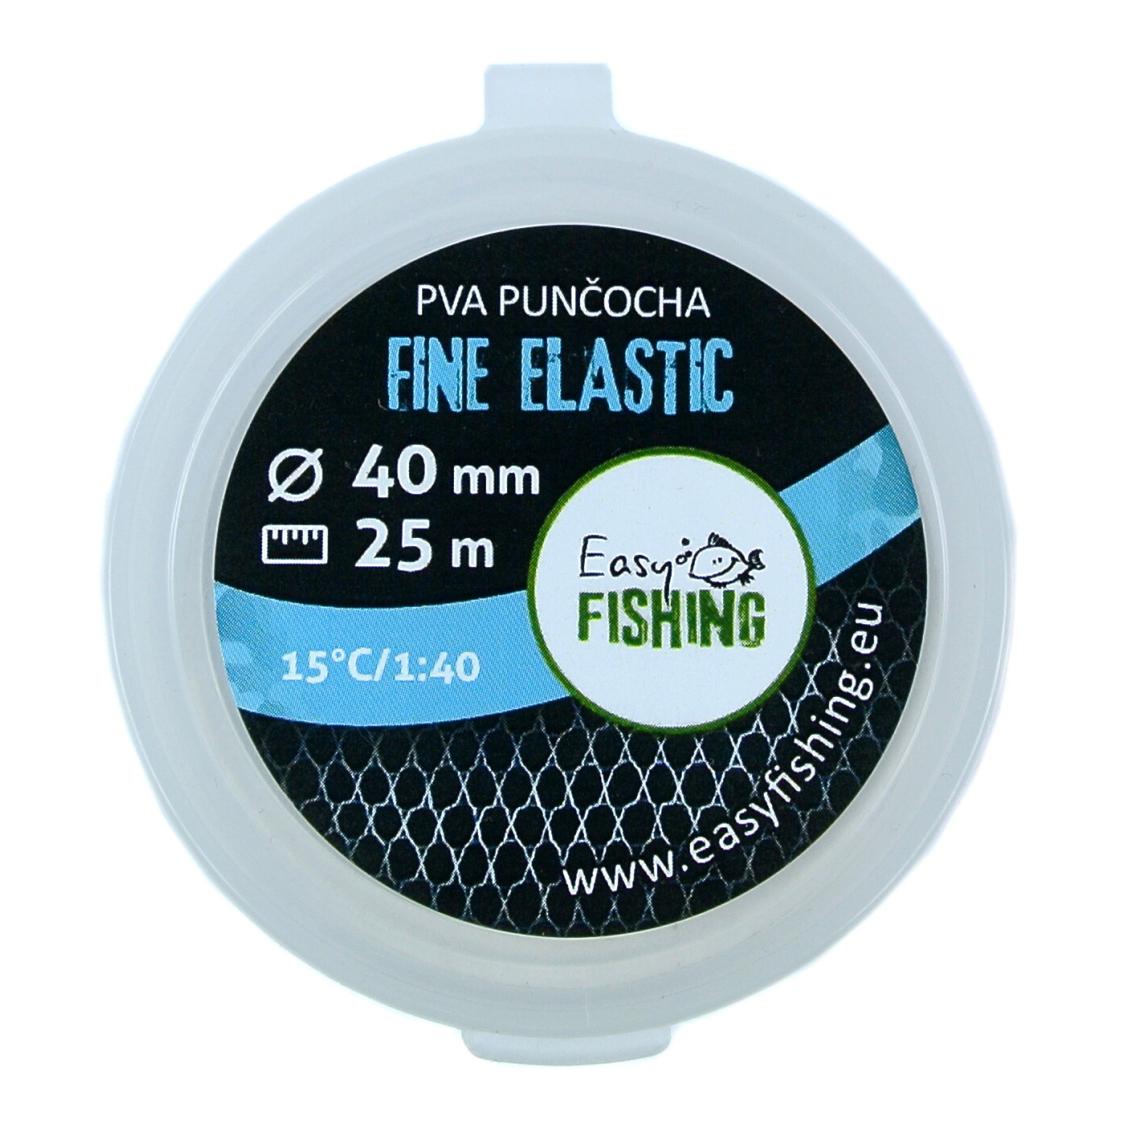 EasyFISHING 25m náhradní - PVA punčocha ELASTIC FINE 40mm